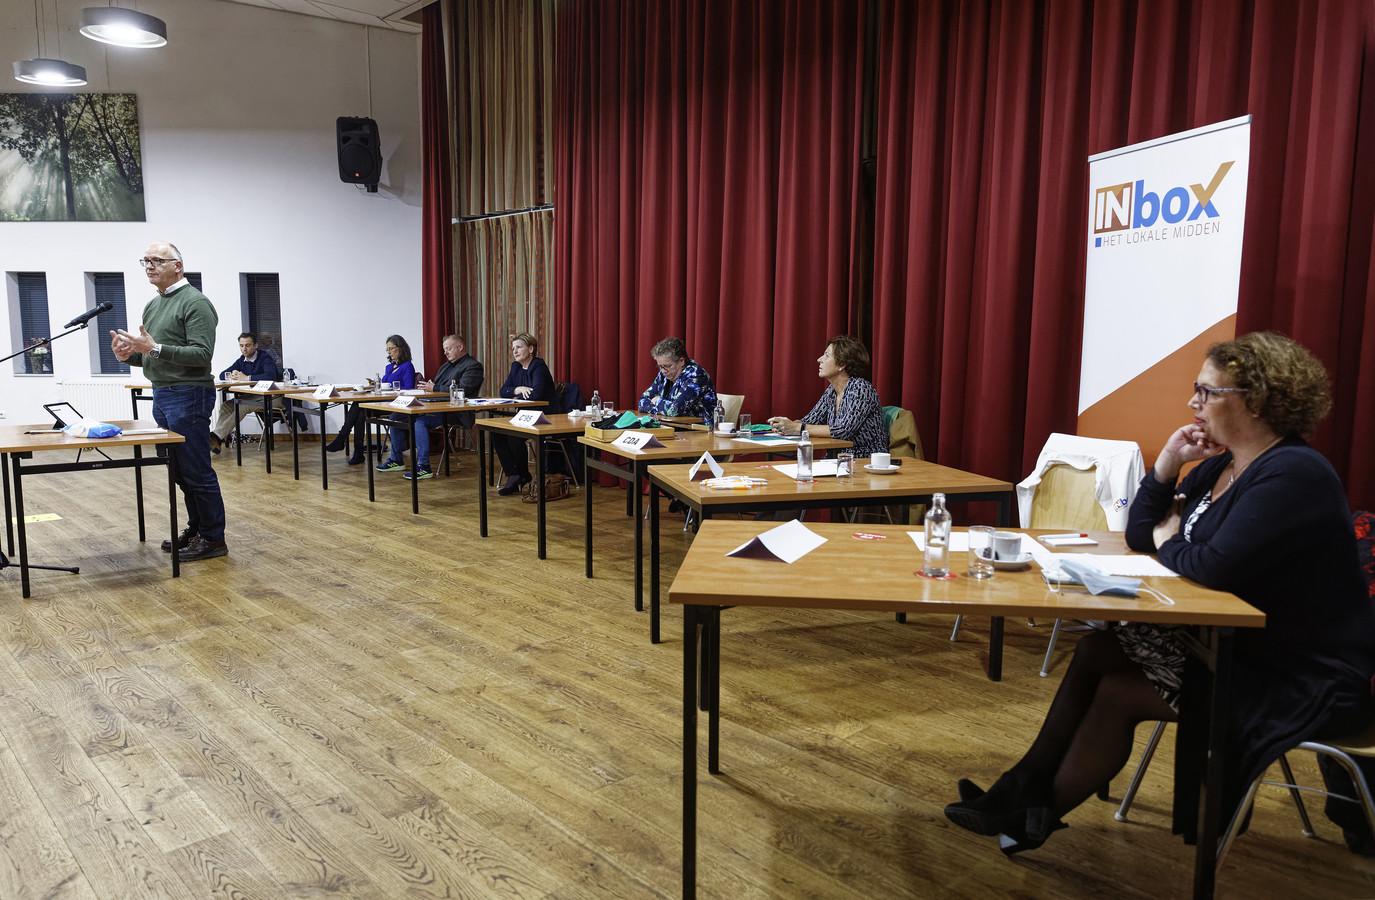 Partijleider Fred van Nistelrooij van INbox heeft bij informateur Fons Naterop inmiddels aangegeven 'met een positieve grondhouding te willen verkennen of hij een bijdrage kan leveren aan de totstandkoming van een bredere coalitie'.